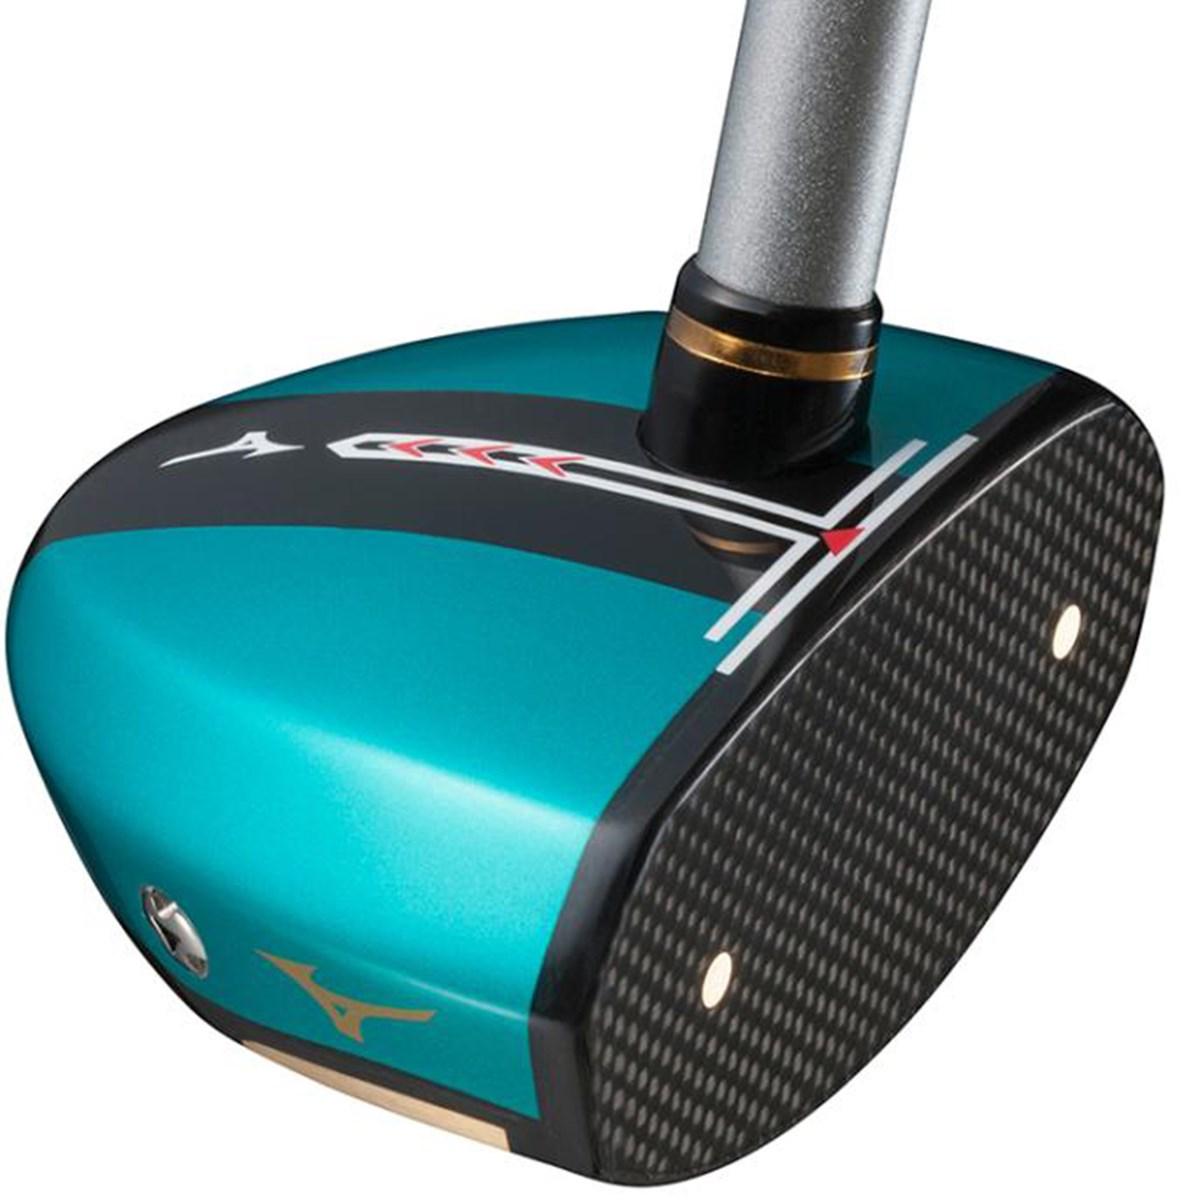 ミズノ(MIZUNO) パークゴルフクラブ MX-301